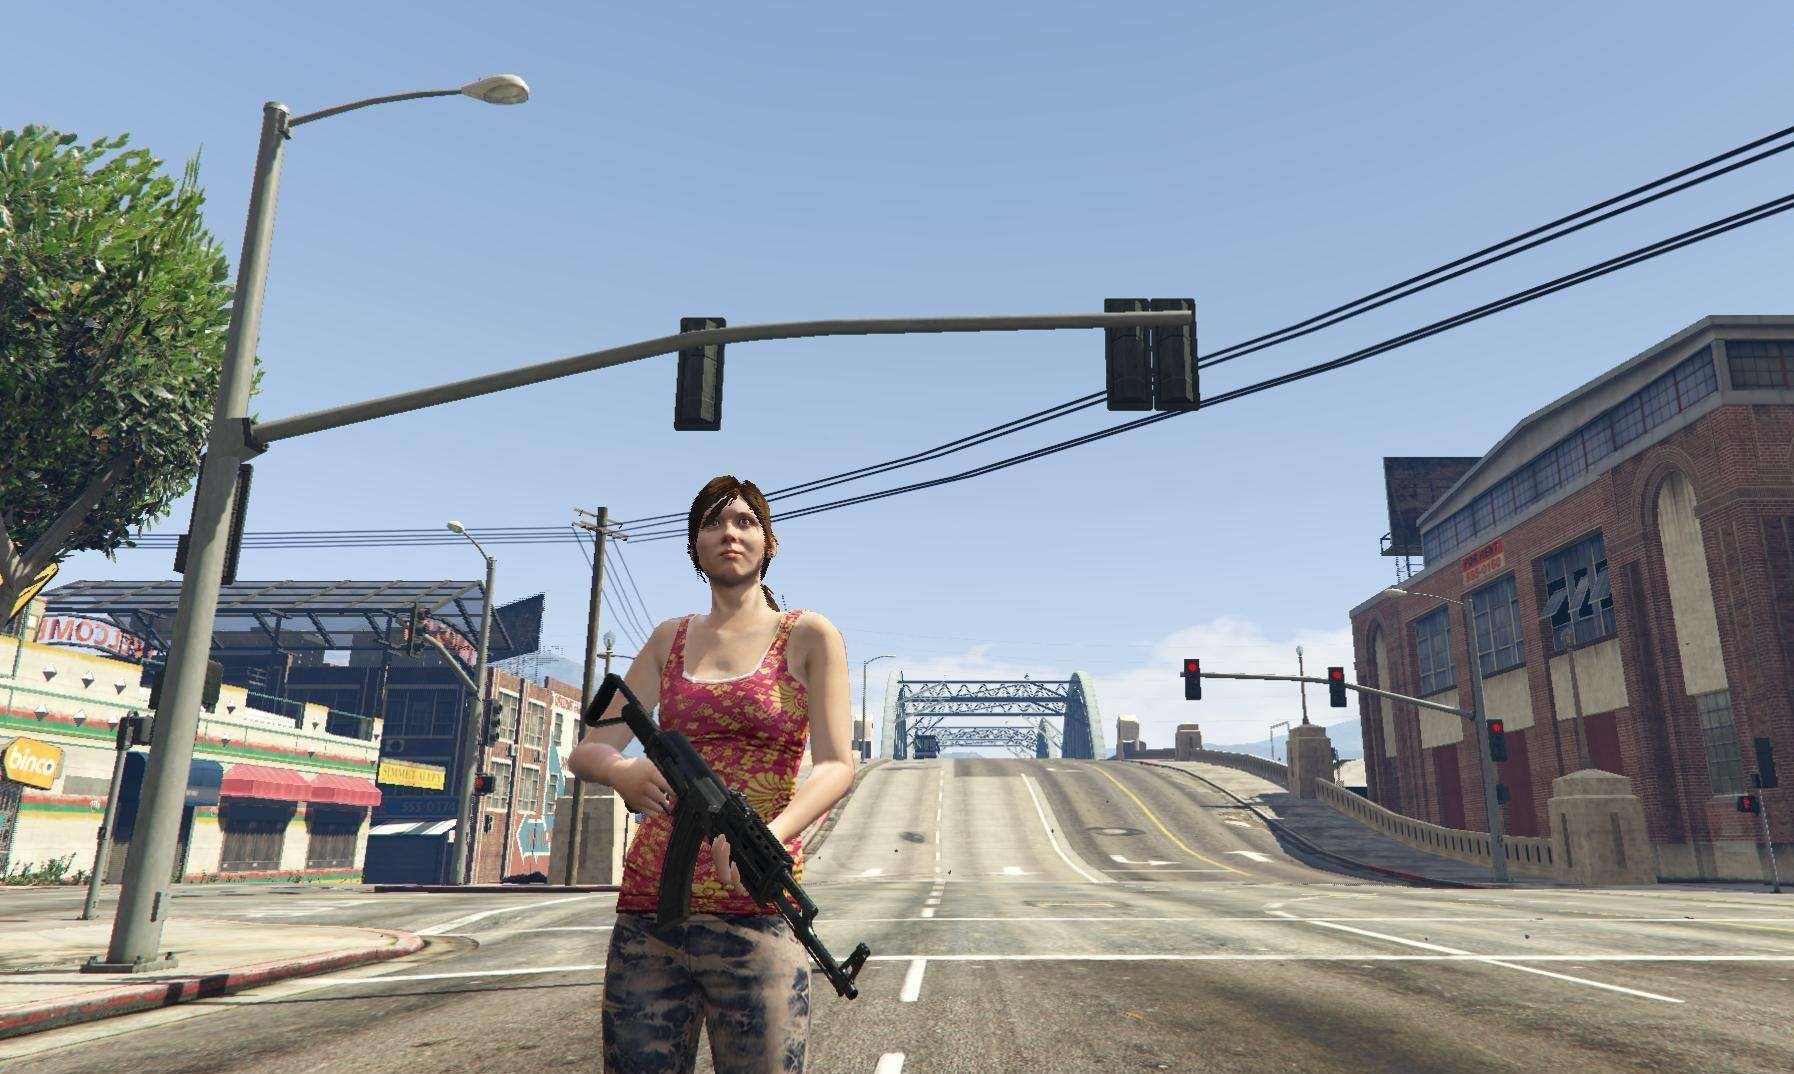 В GTA 6 впервые женщину могут сделать главным героем